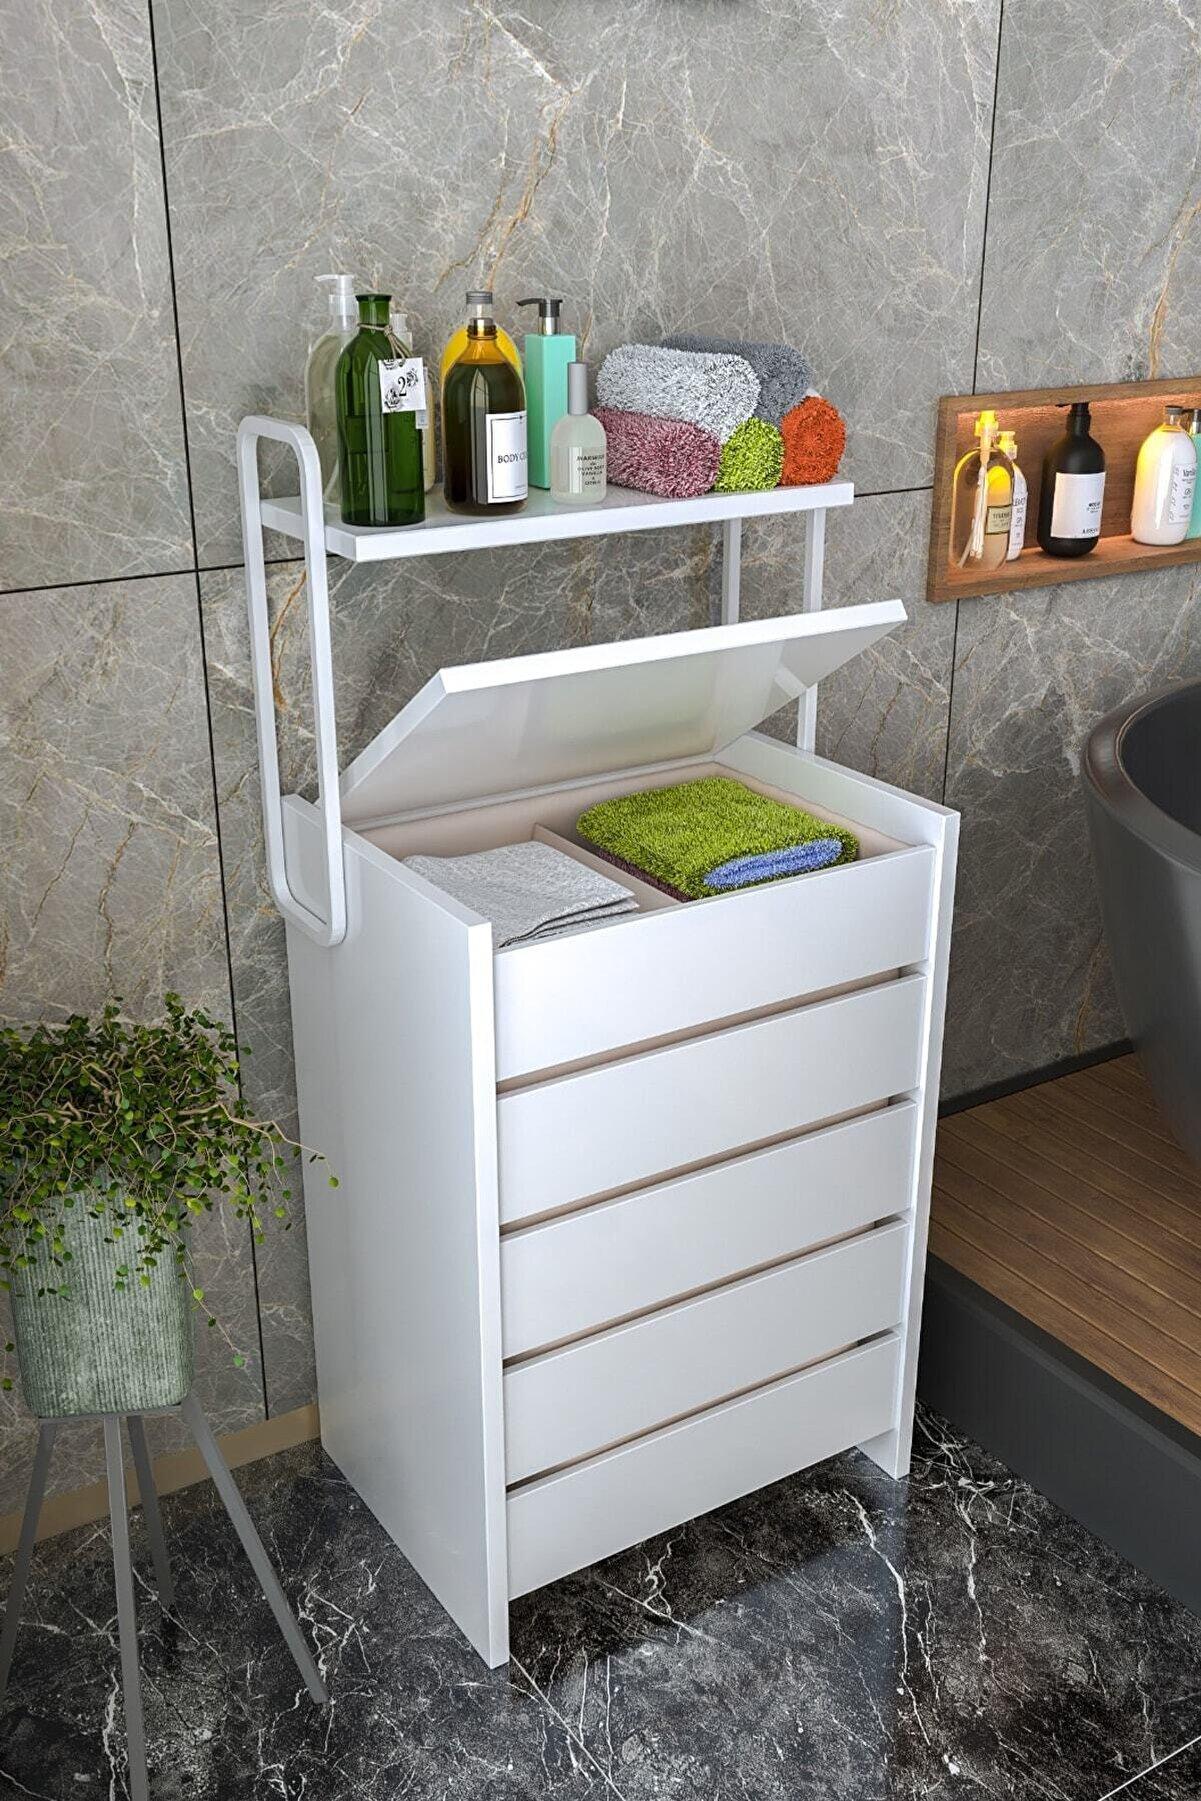 Ankaflex Beyaz Ahşap Banyo Kirli Çamaşır Sepeti